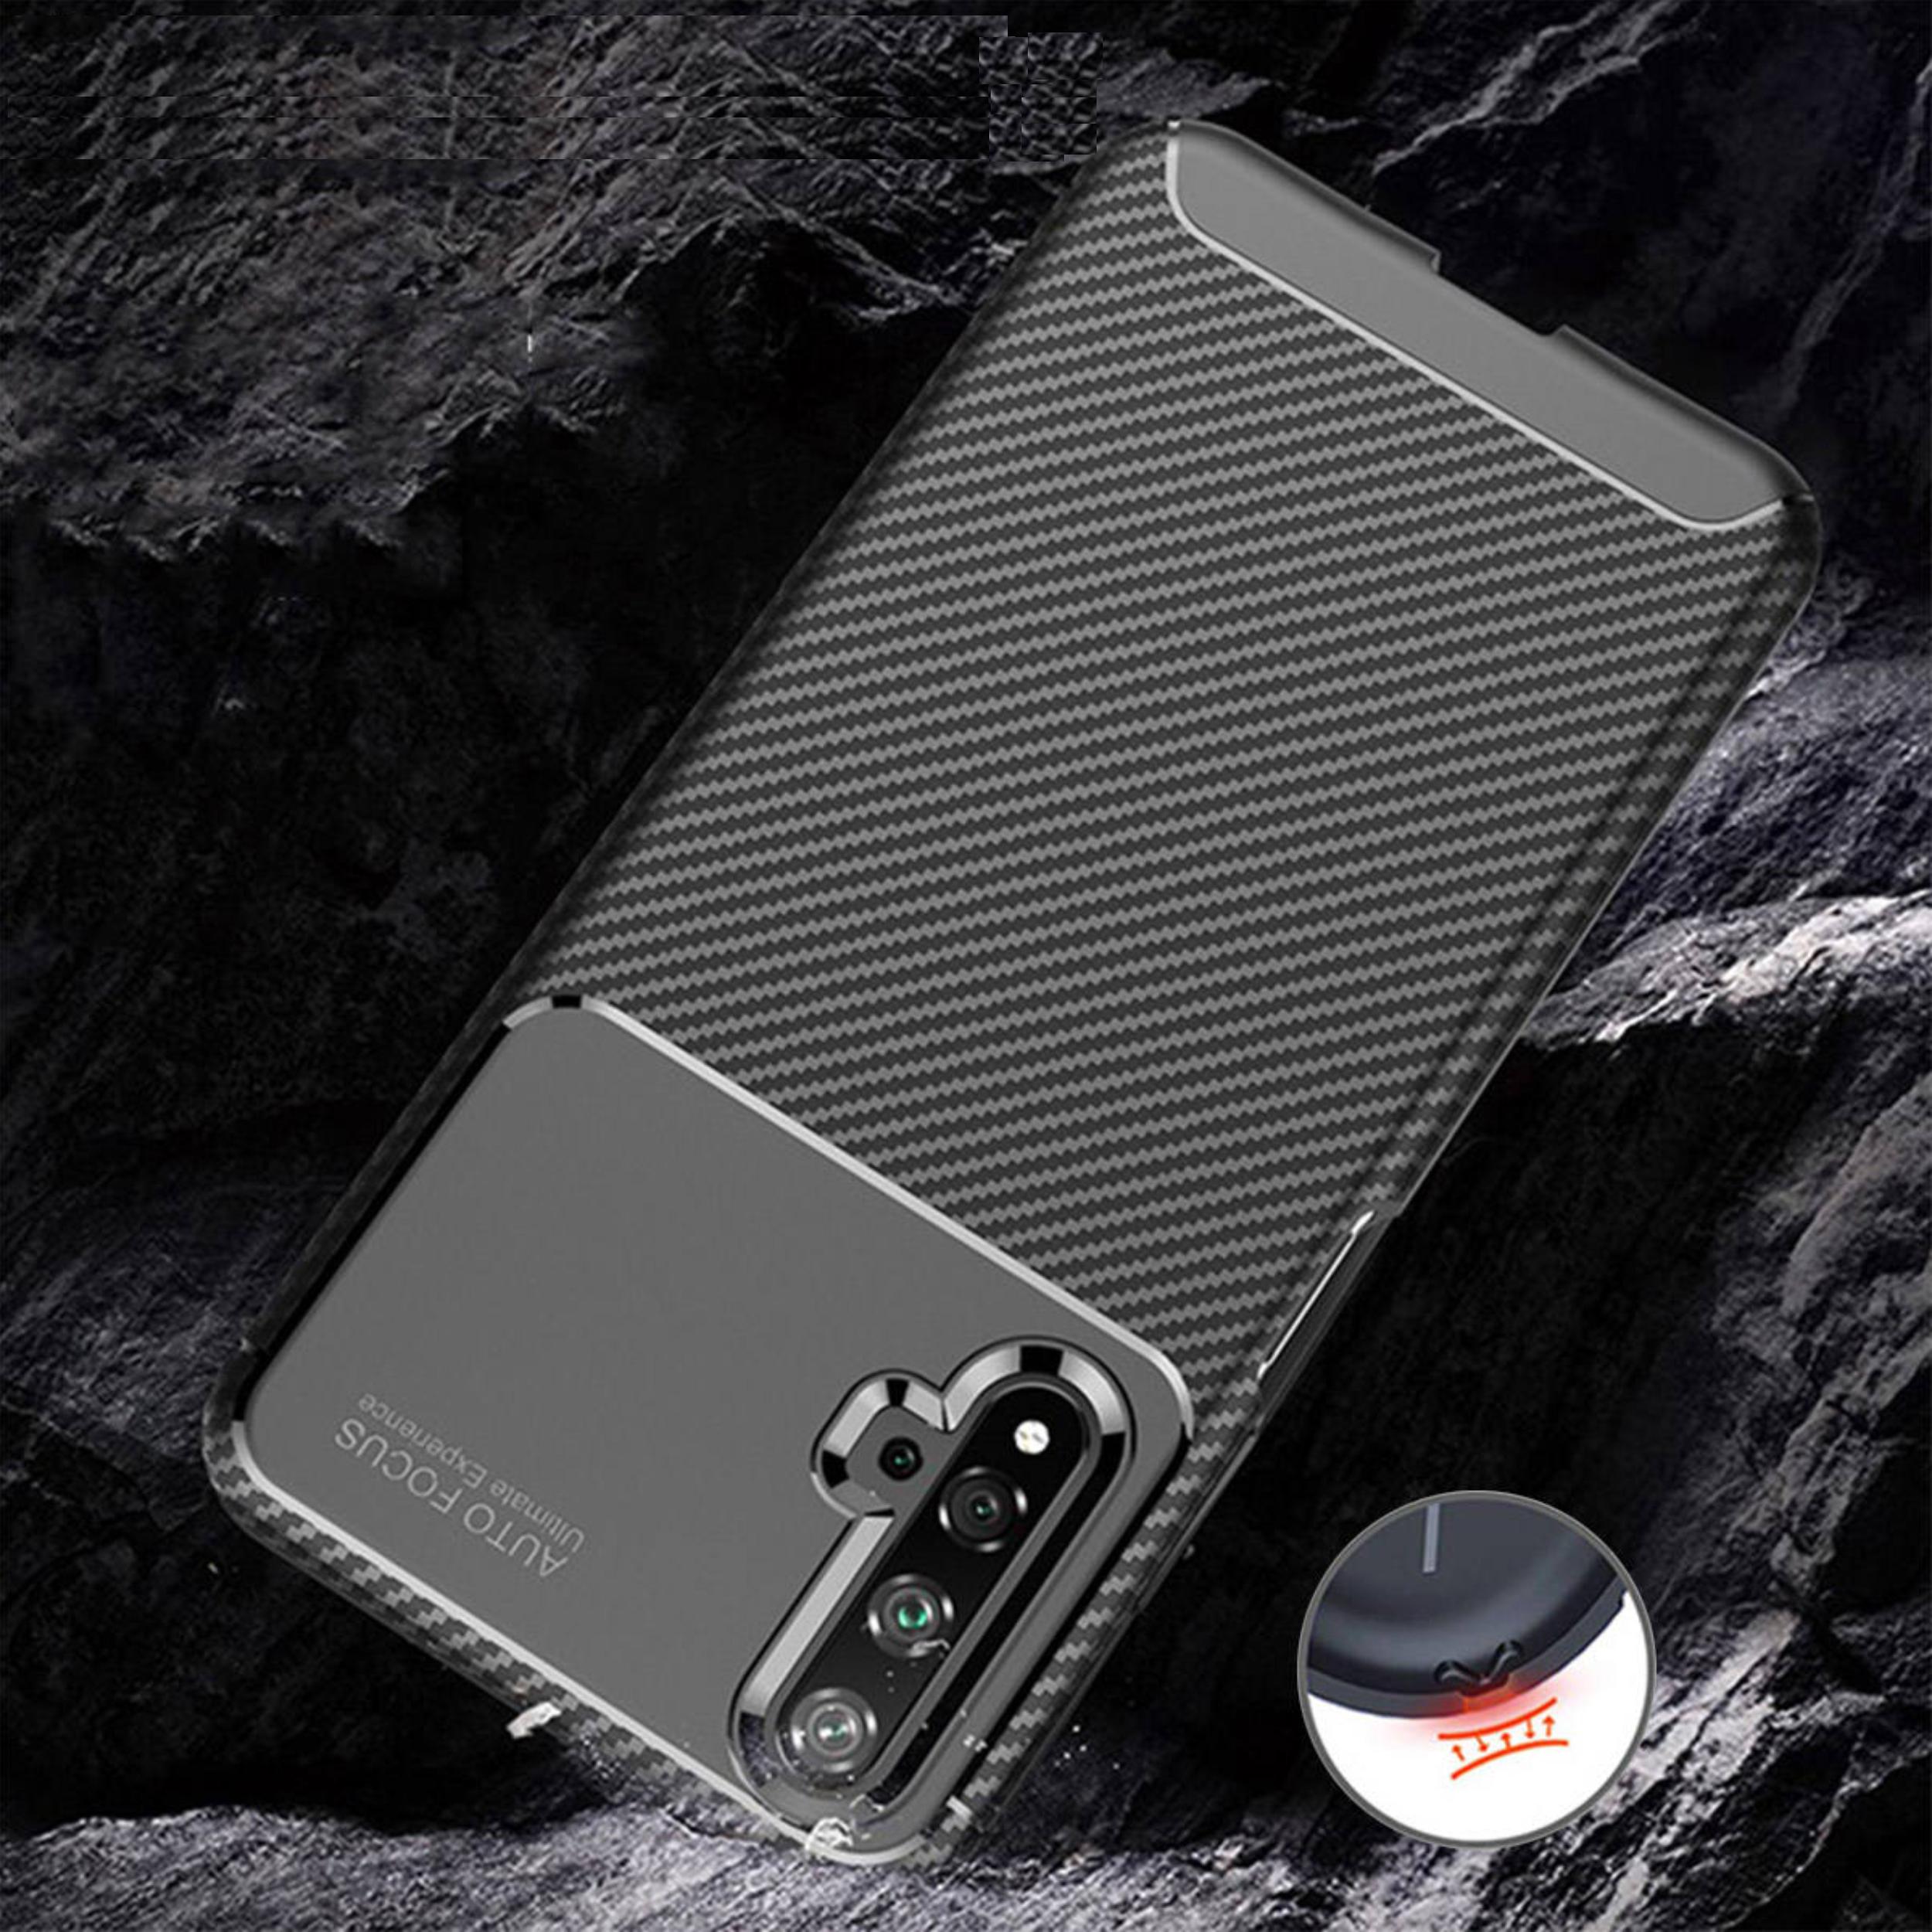 کاور لاین کینگ مدل A21 مناسب برای گوشی موبایل هوآوی Nova 5T thumb 2 6